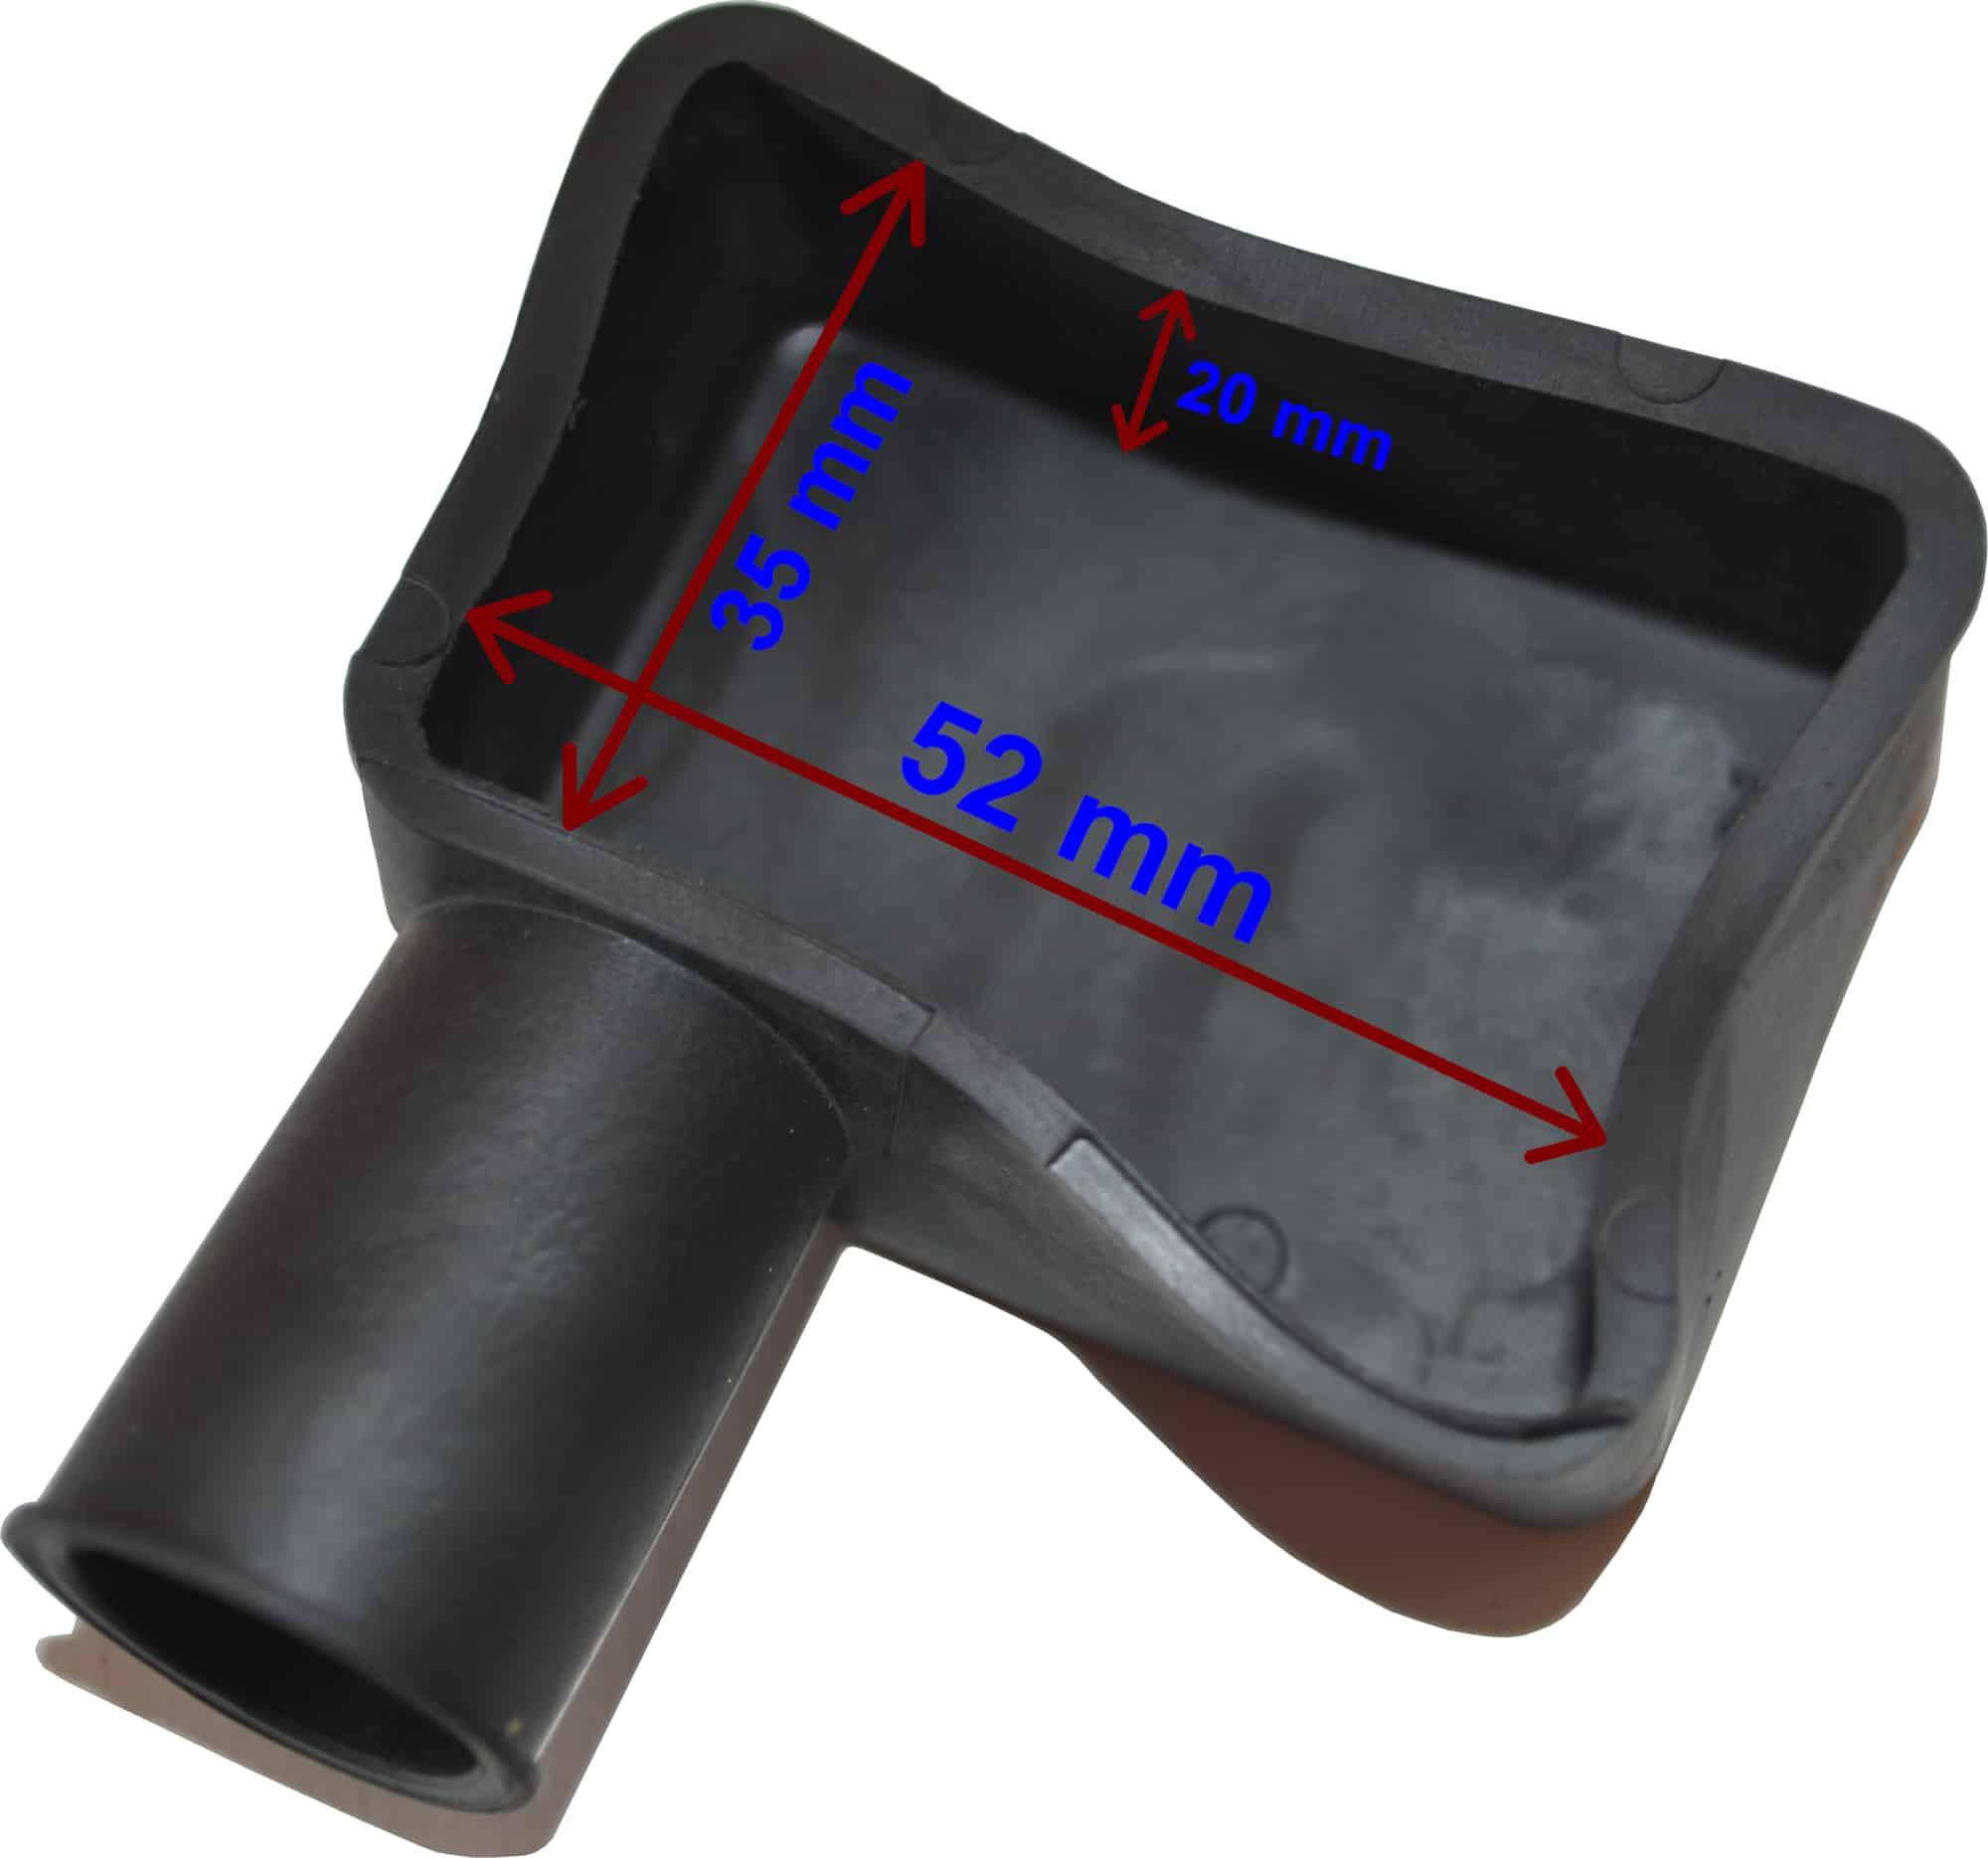 Abdeckung für Batterie pol klemmen Schutzkappe Schwarz 020290N RACO